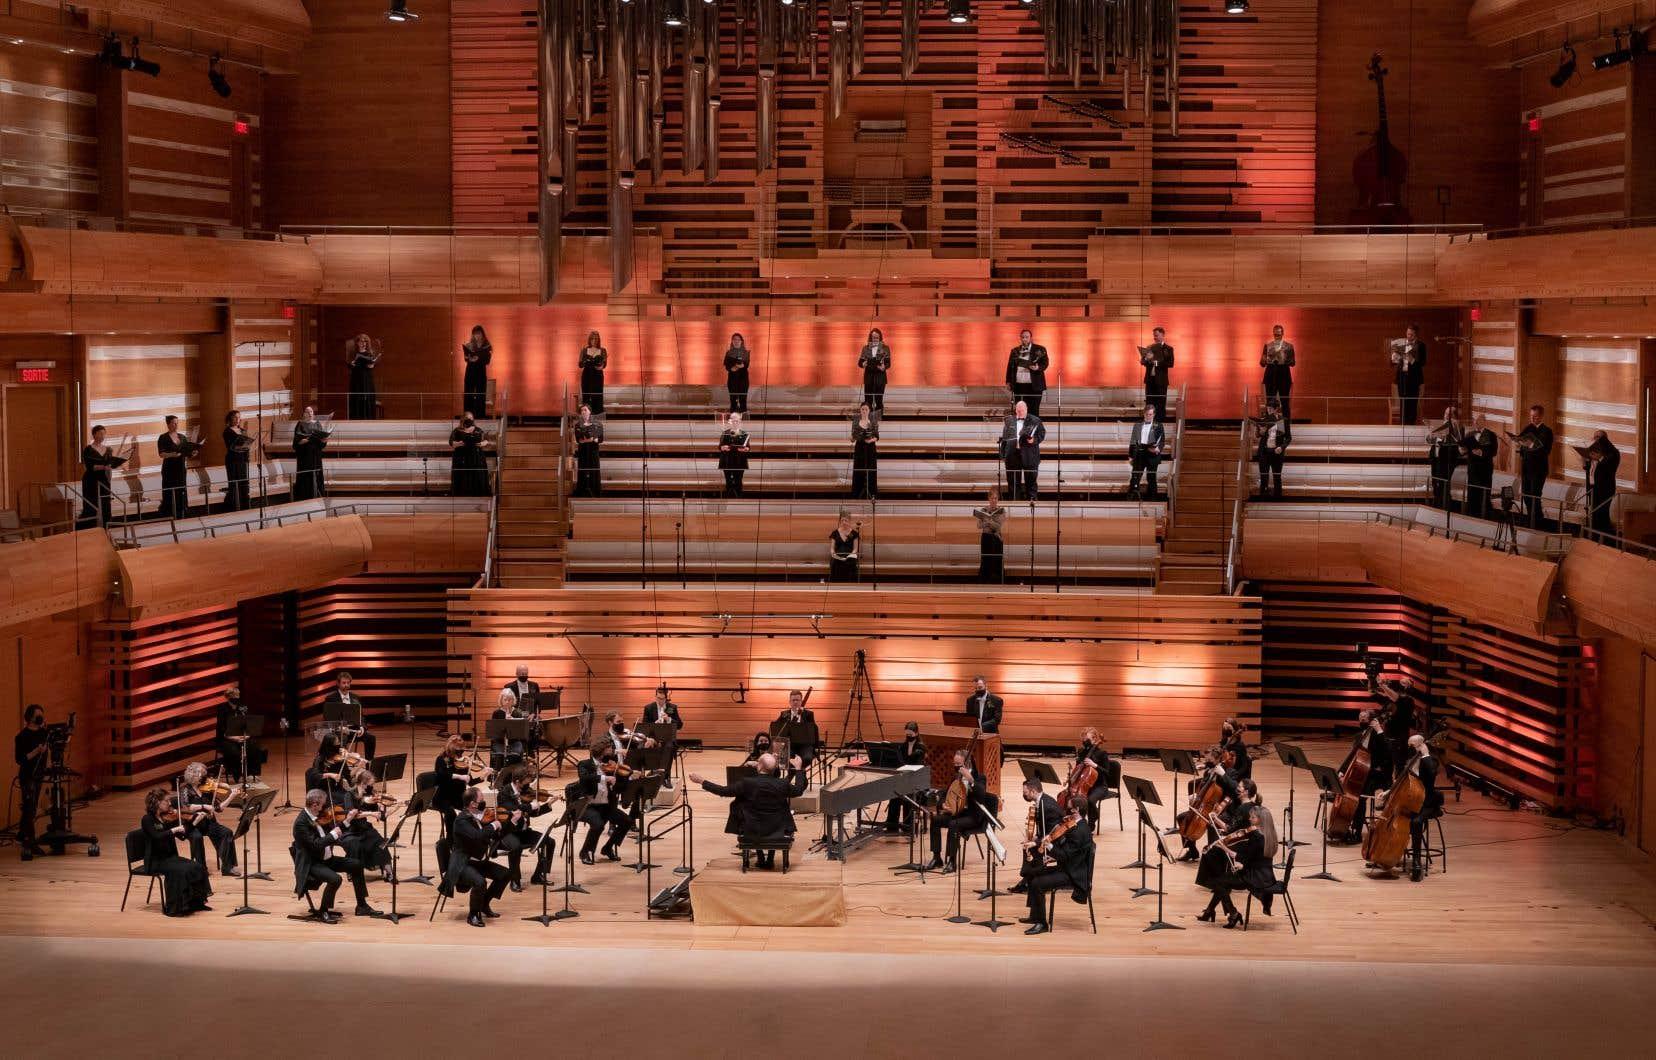 Lors d'un concert de l'OSM célébrant le temps des Fêtes, les choristes étaient disposés dans les gradins plutôt que sur la scène.